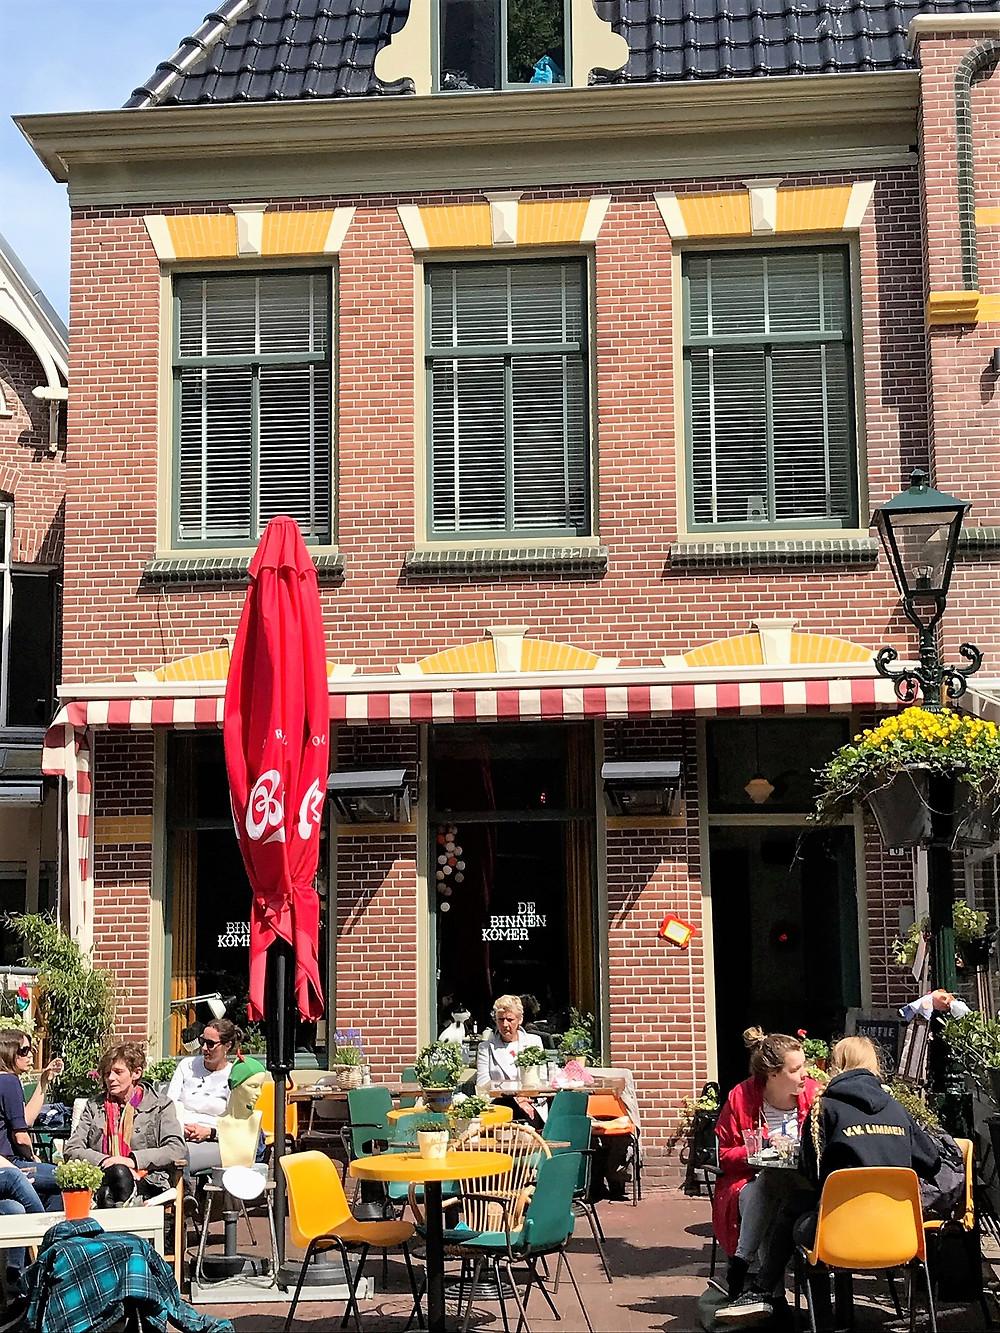 De Binnenkomer, Alkmaar